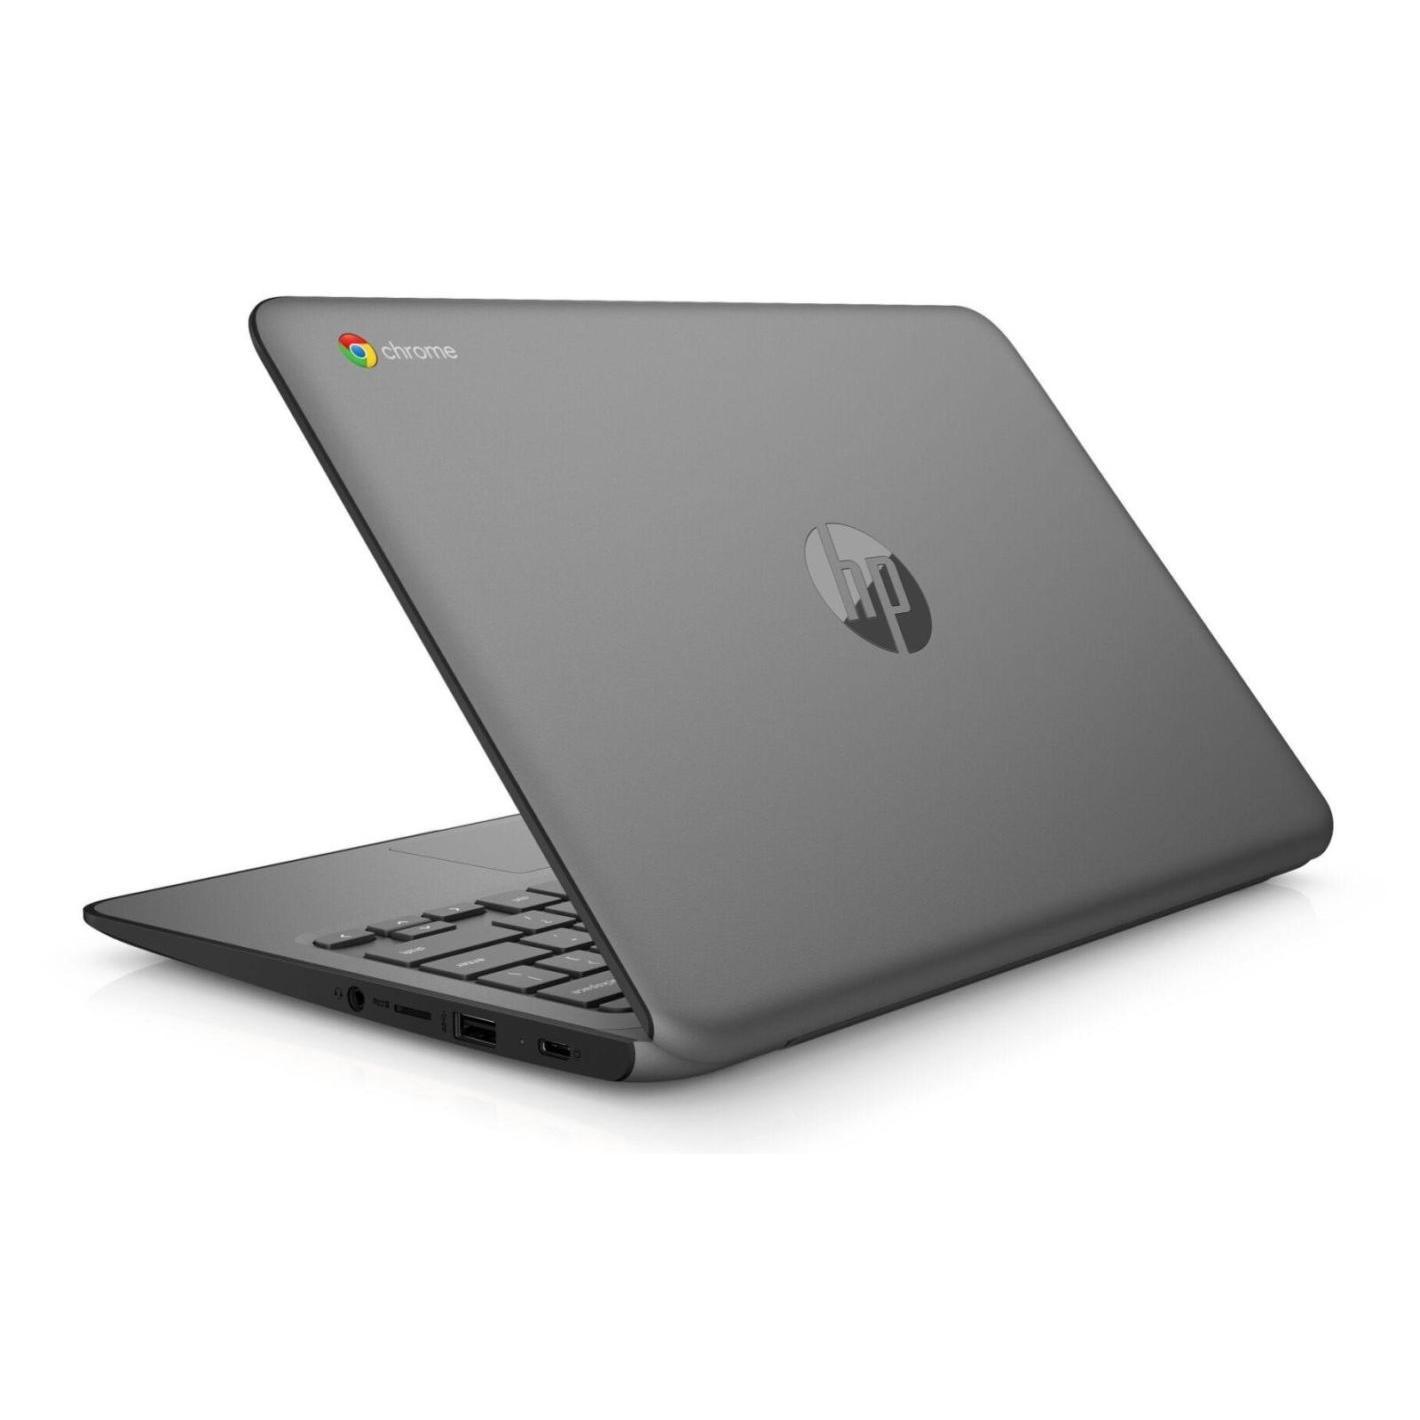 HP Chromebook 11A-NB0013DX Celeron N3350 1.1 GHz 32GB eMMC - 4GB